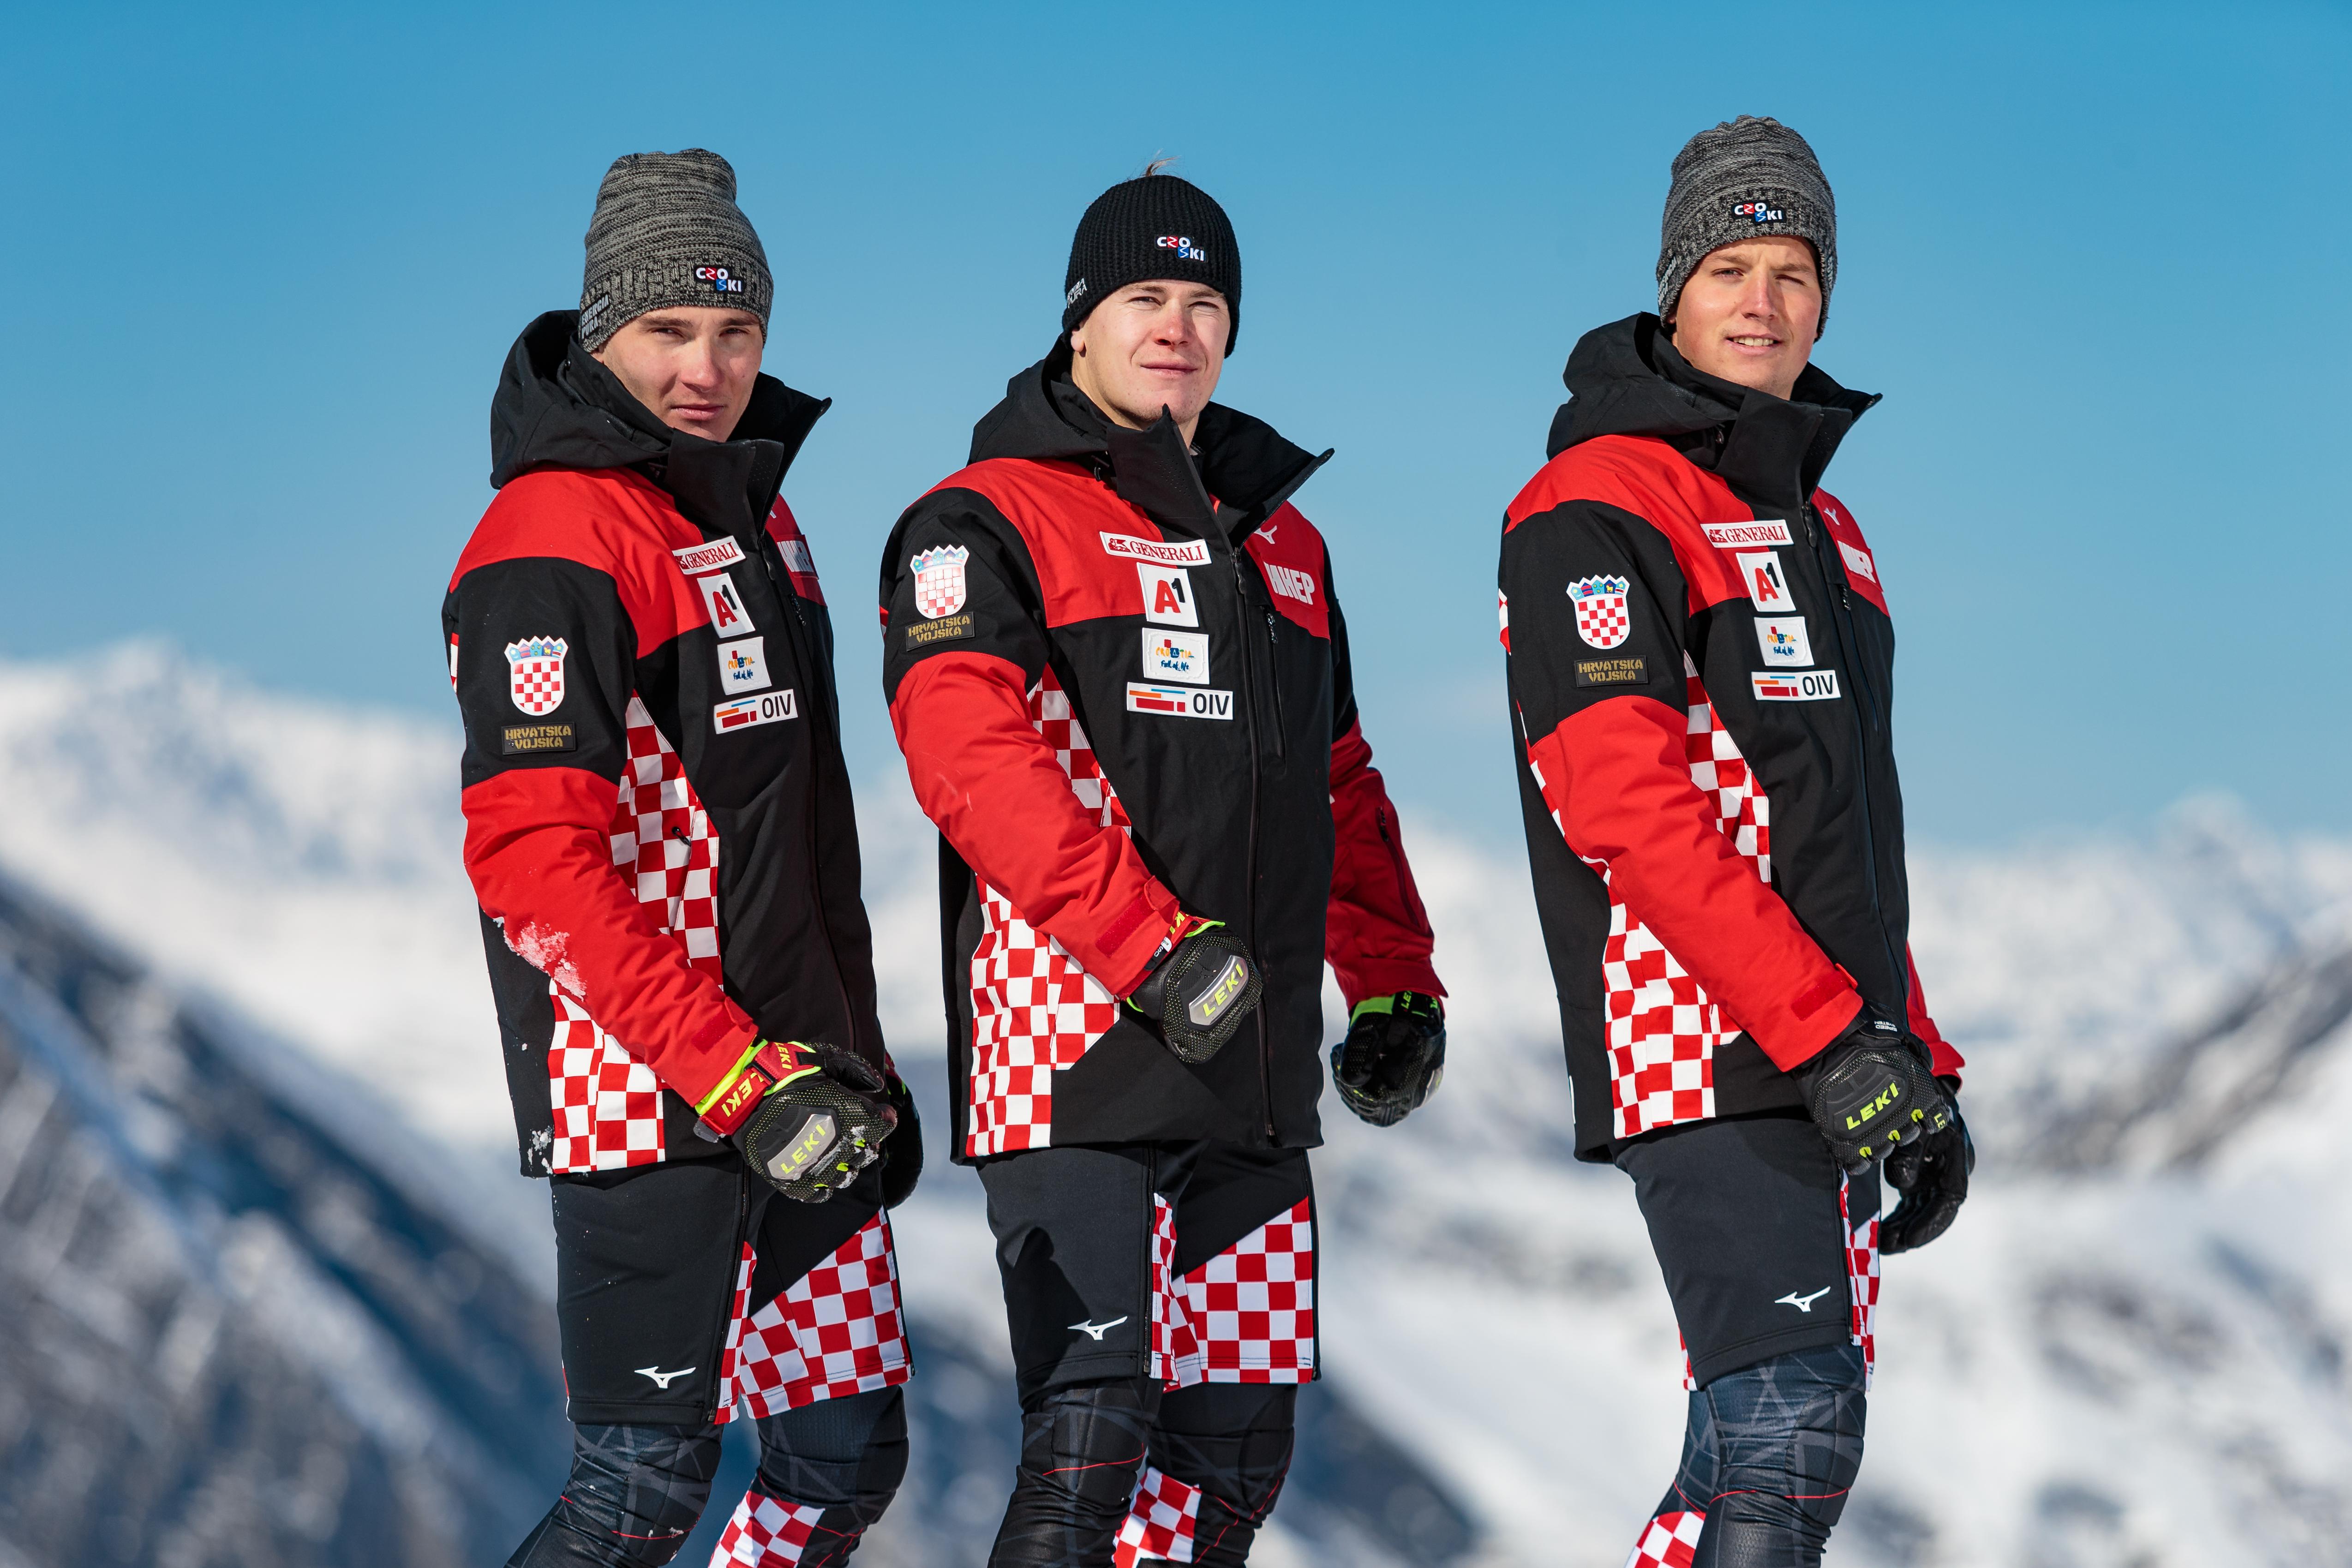 Filip Zupčić, Istok Rodeš i Elias Kolega, pripadnici Vrhunskih sportaša u HV, članovi Hrvatske alpske skijaške reprezentacije